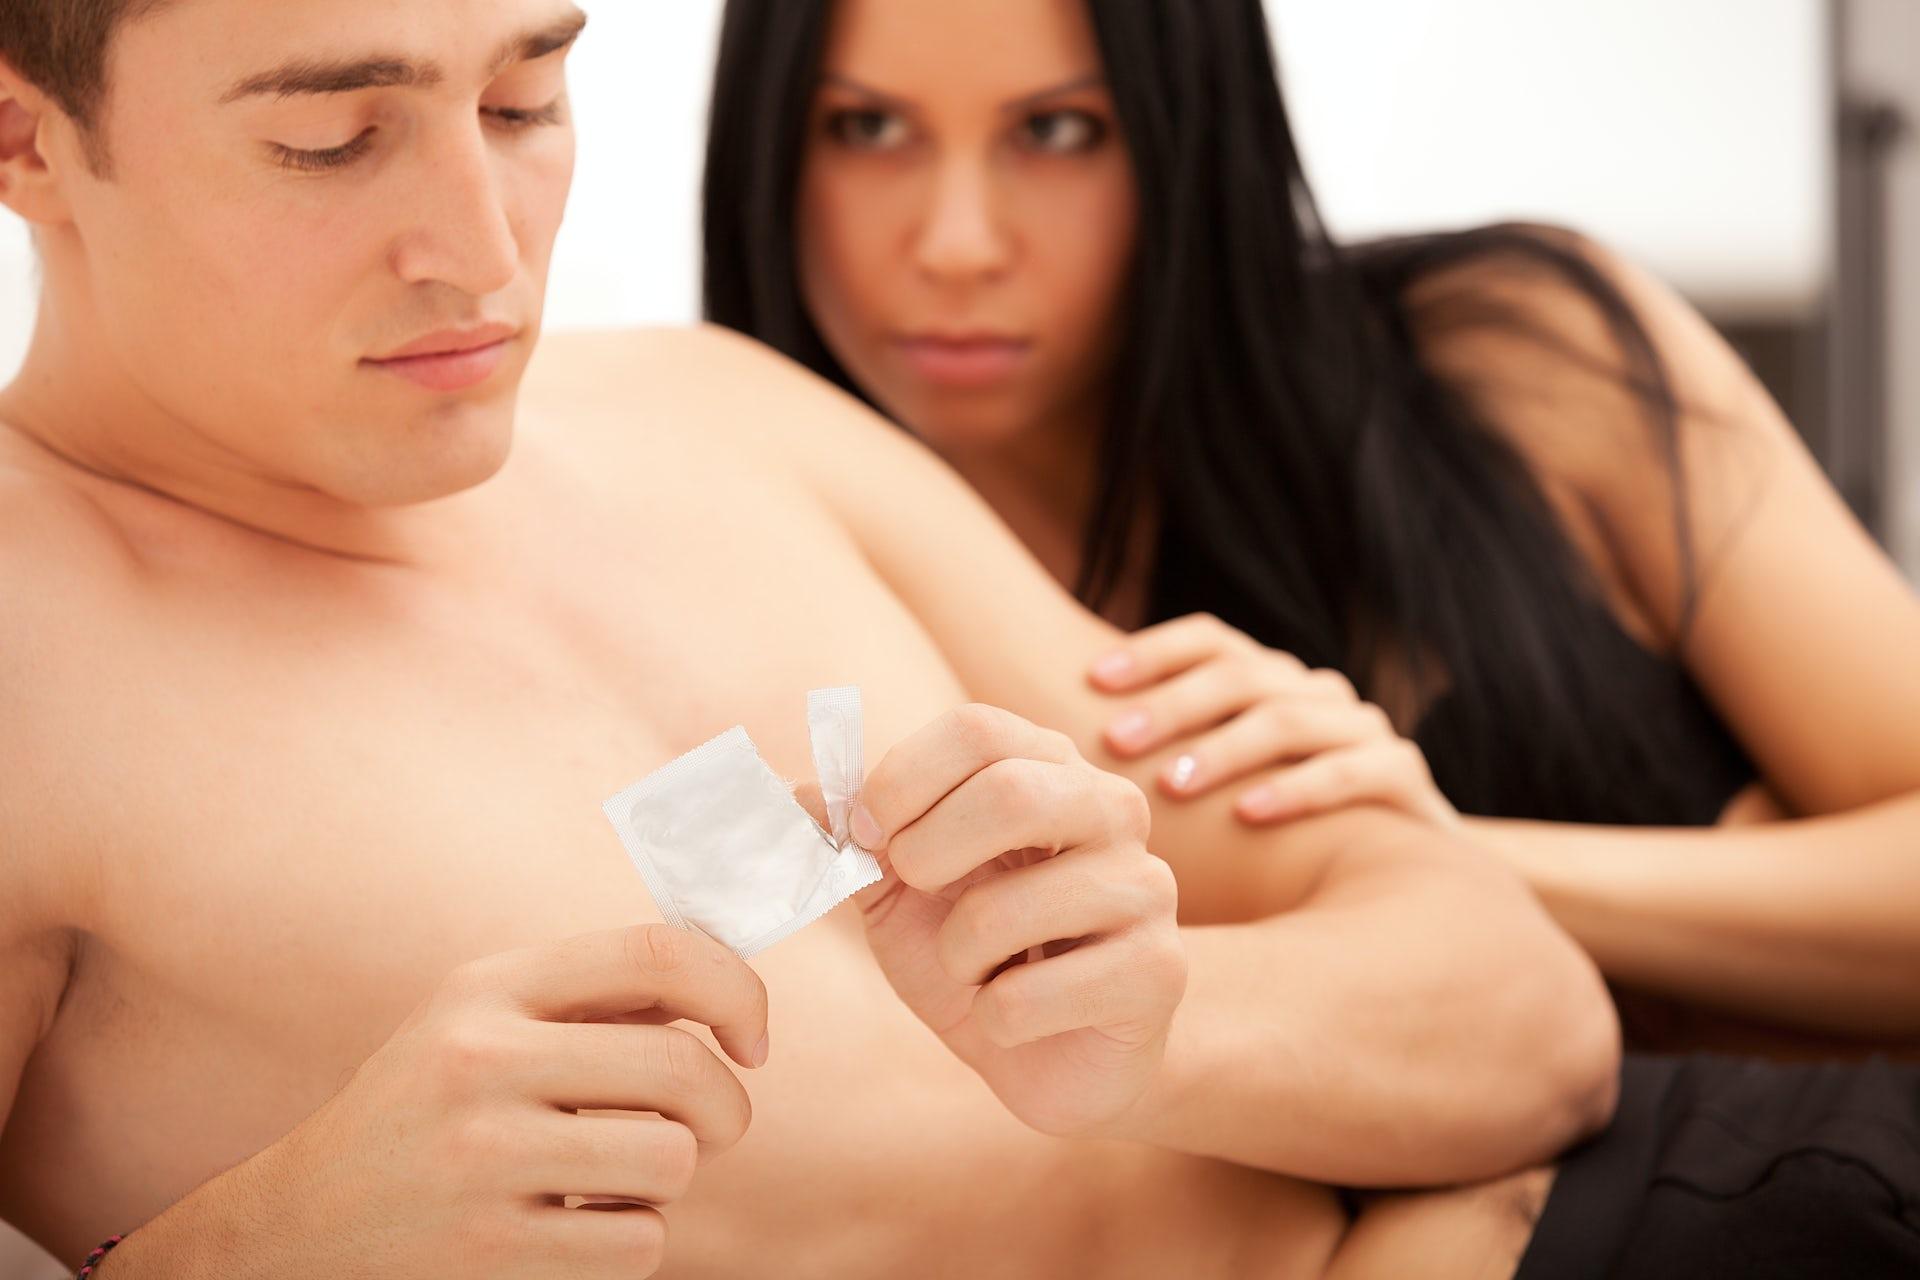 Чем вреден презерватив для женщин, Вредны ли для женщин презервативы или это лучший 17 фотография